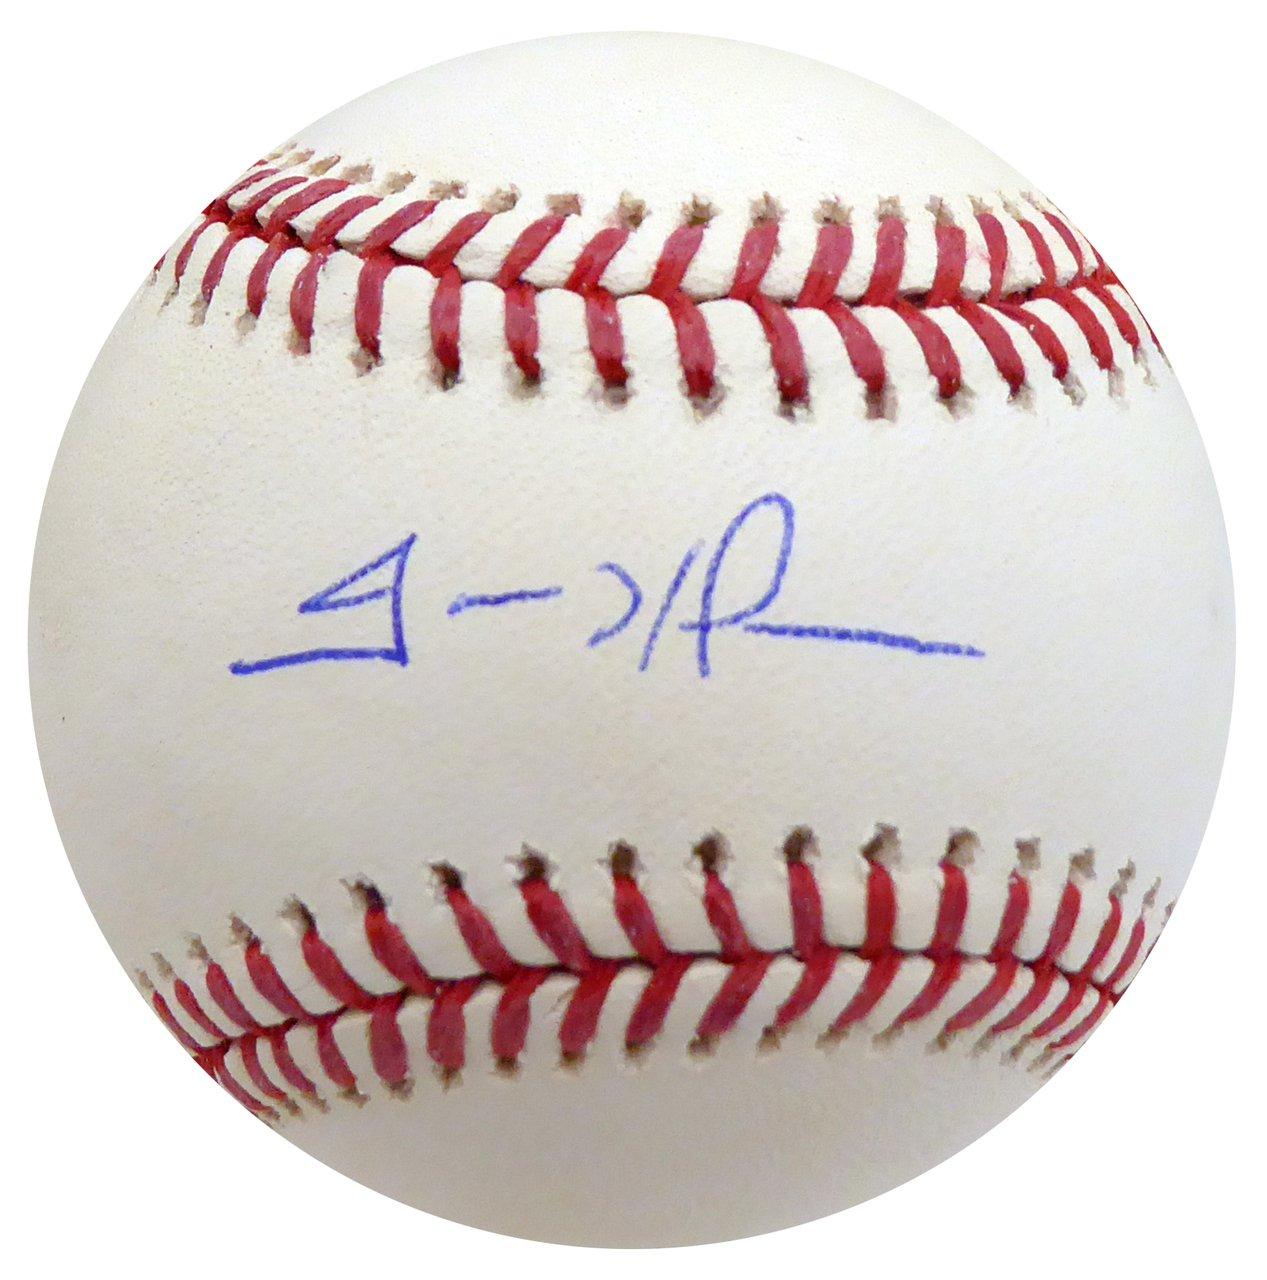 Trevor Hoffman San Diego Padres Signed Autographed Official Baseball SCHWARTZ